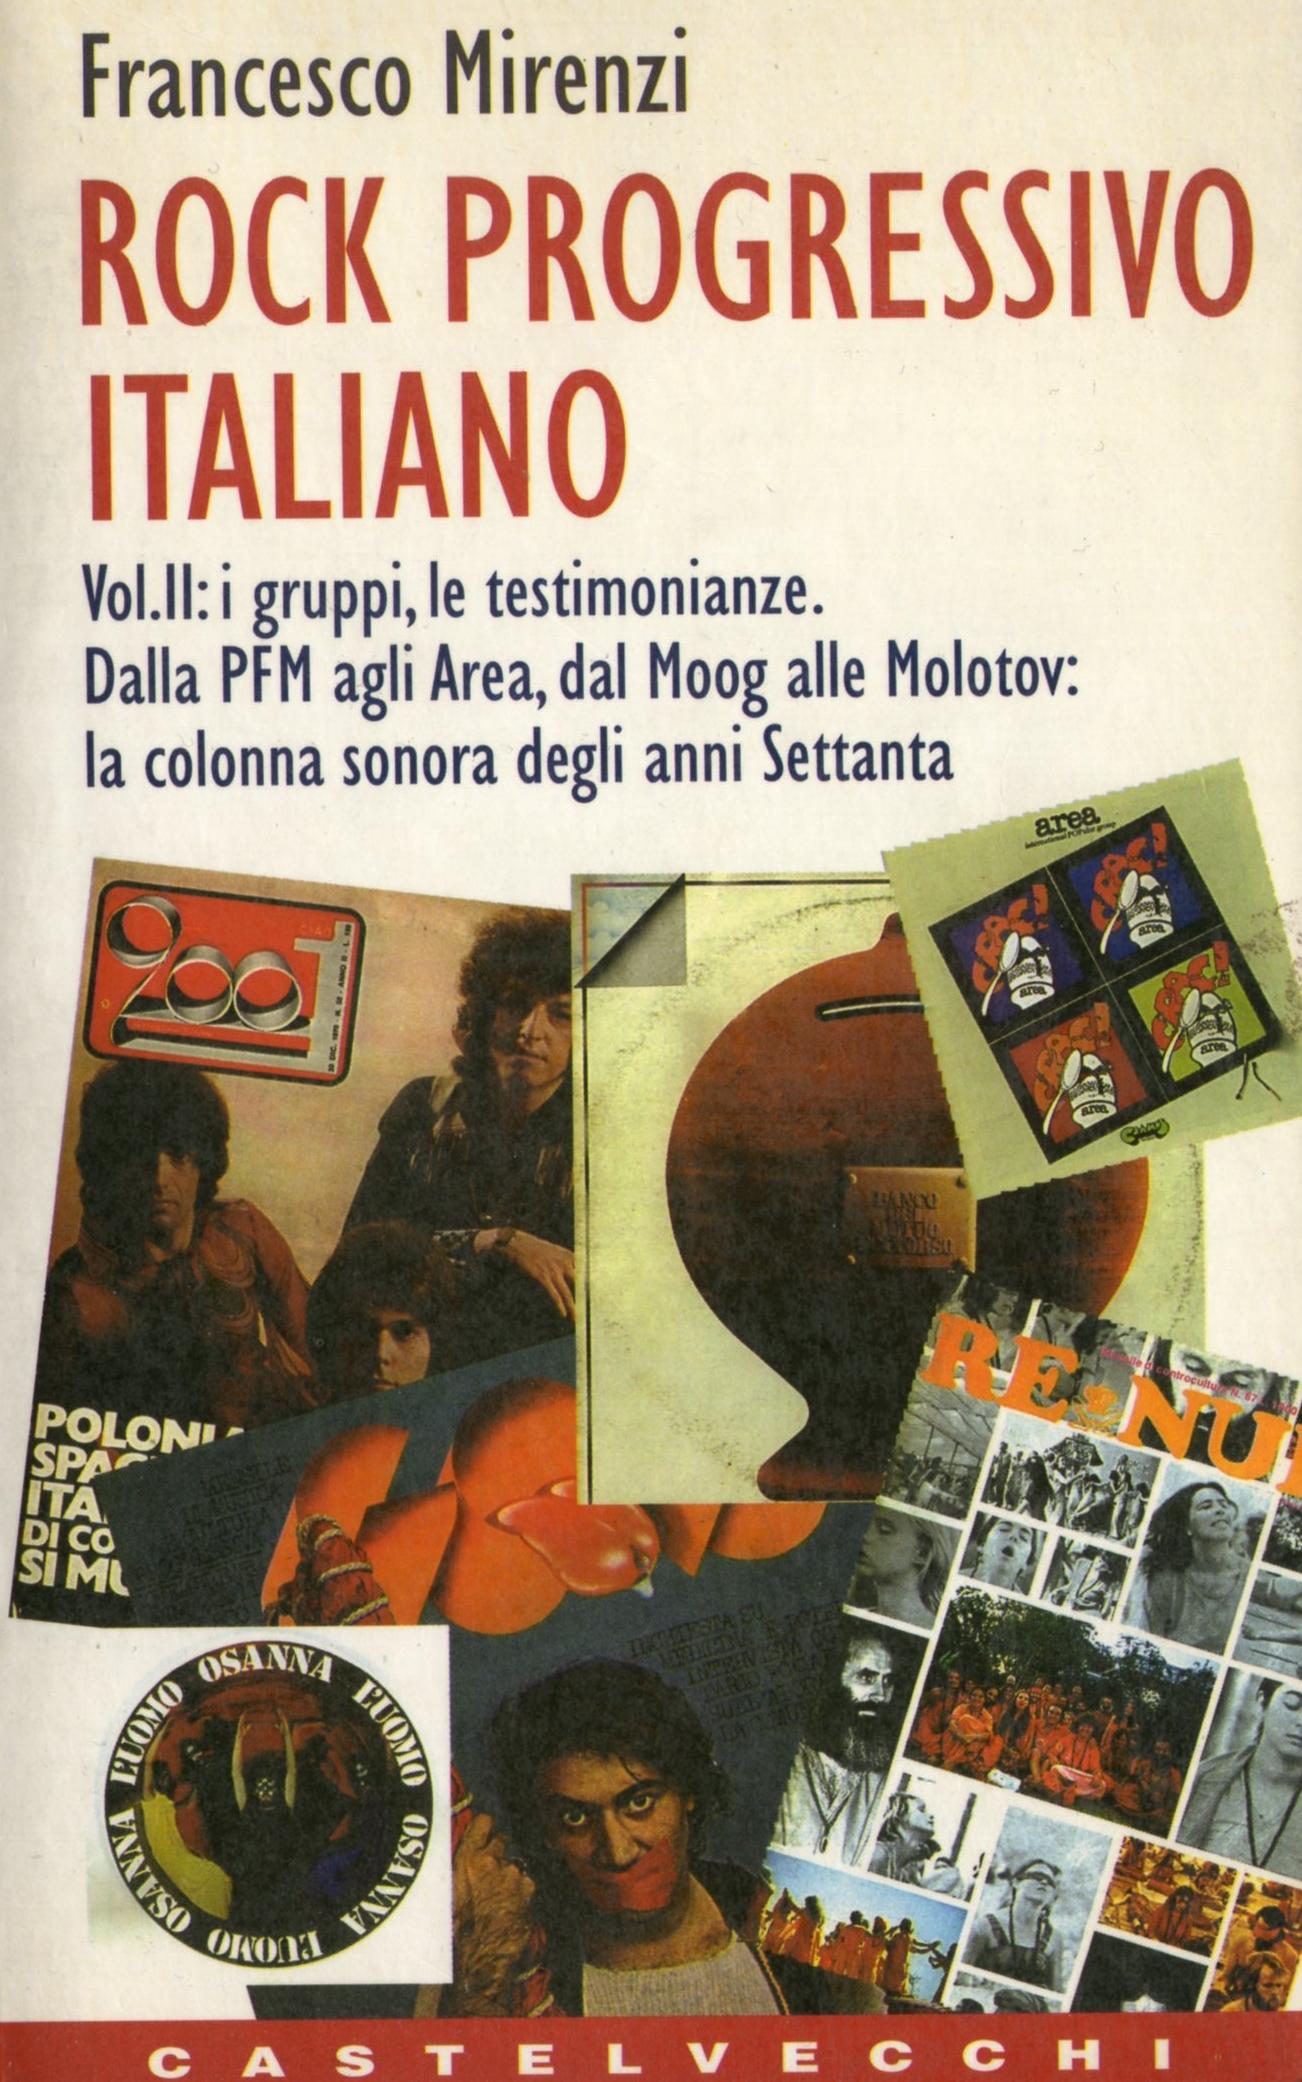 Rock progressivo italiano Vol.II